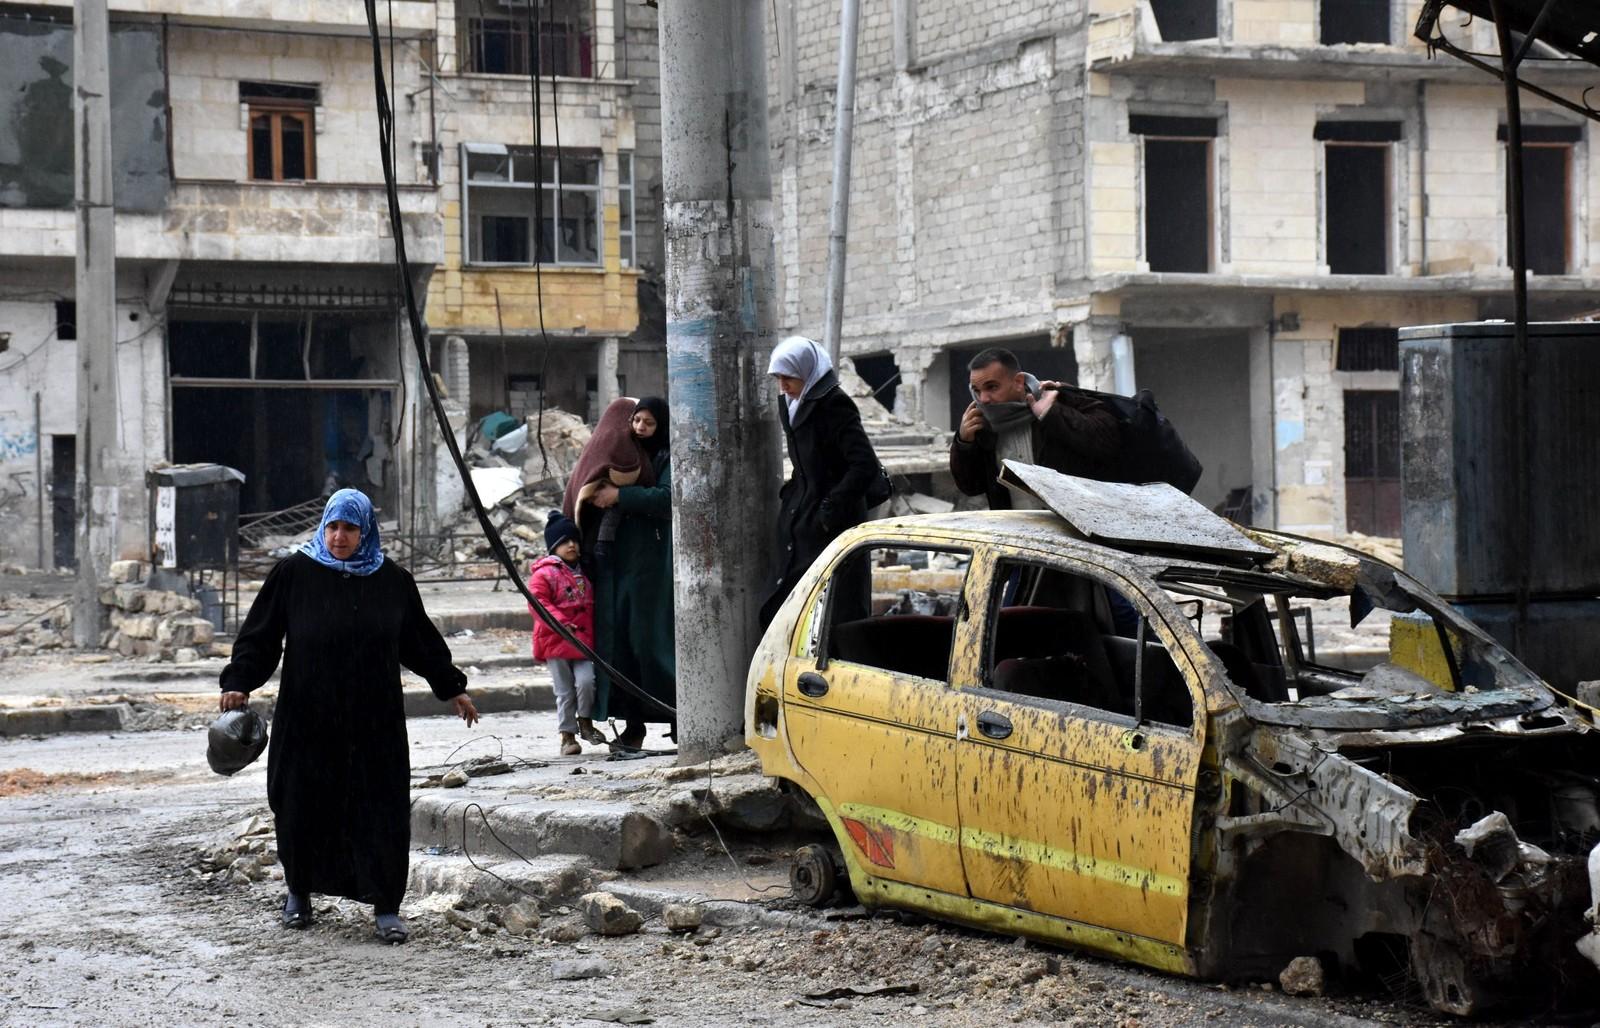 Syriske sivile i nabolaget al-Sukari neighbourhood forsøker å flykte fra bomber og skudd.